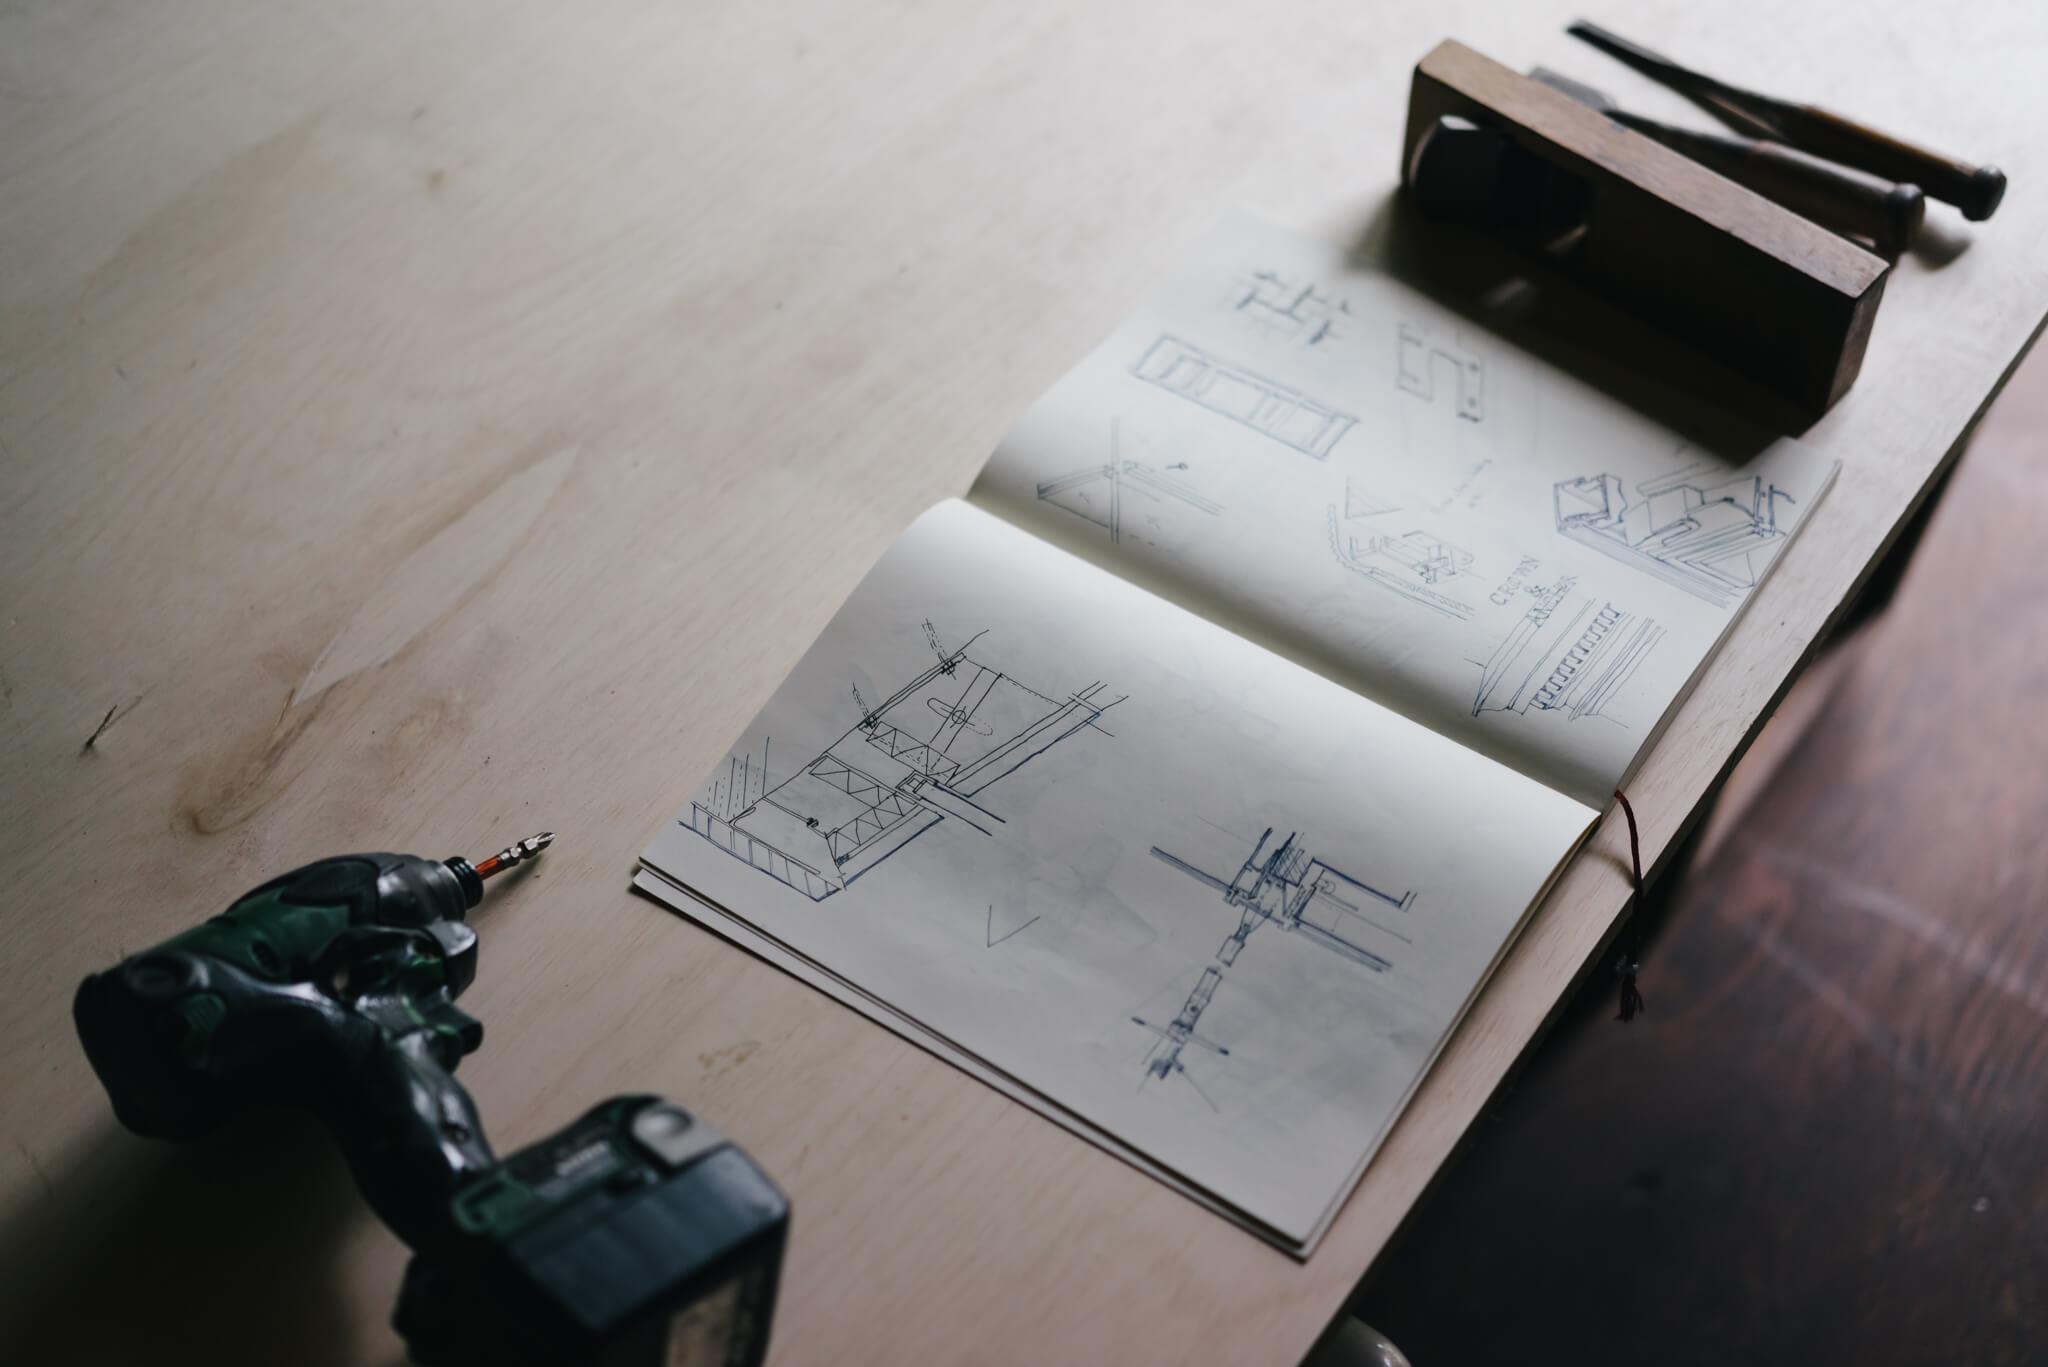 1階の土間は、作業テーブルが置かれて工房のようにも使われていました。